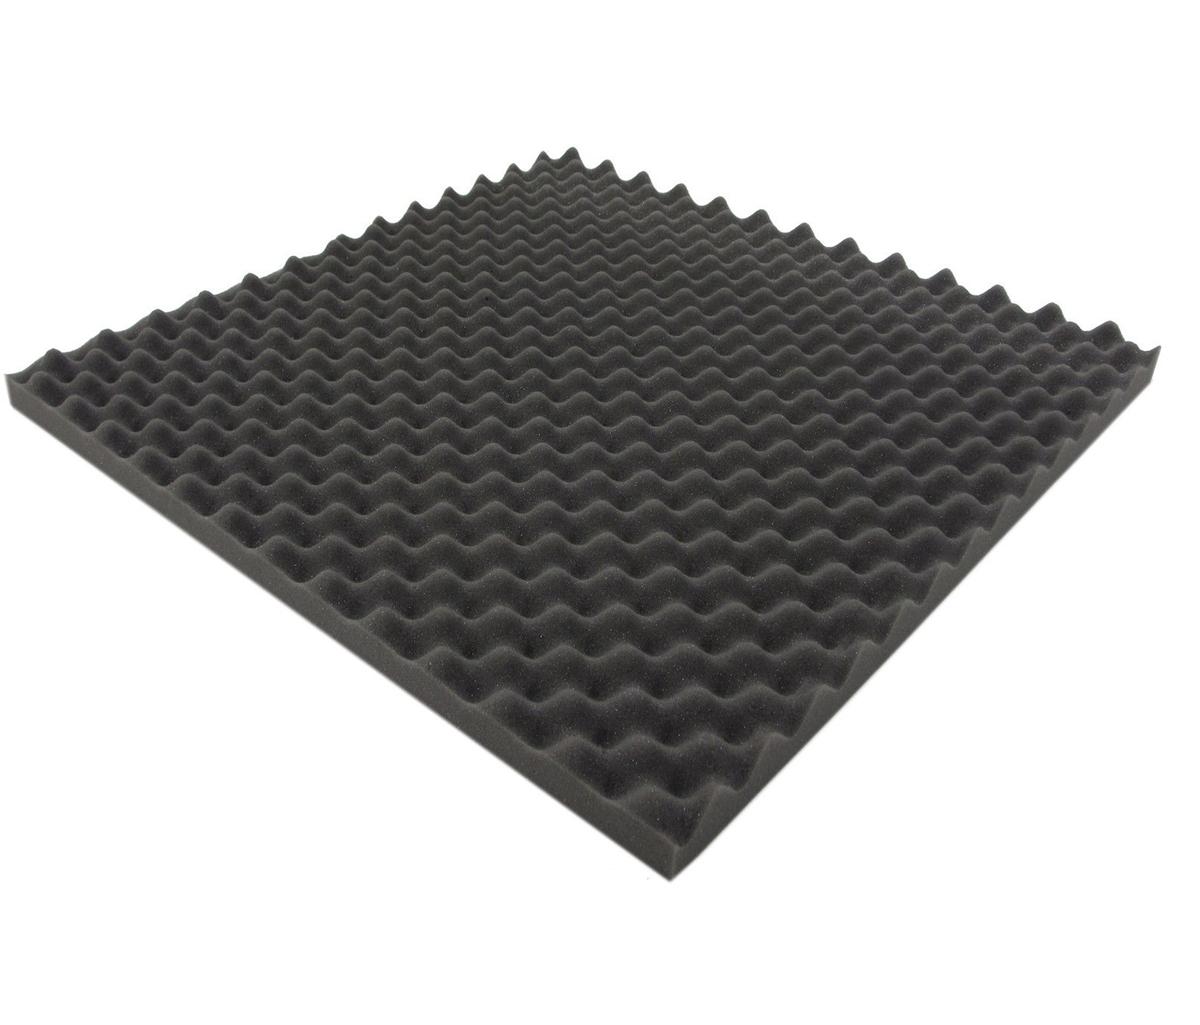 cheap acoustic foam chandigarh acoustic foam panels chandigarh acoustic foam. Black Bedroom Furniture Sets. Home Design Ideas